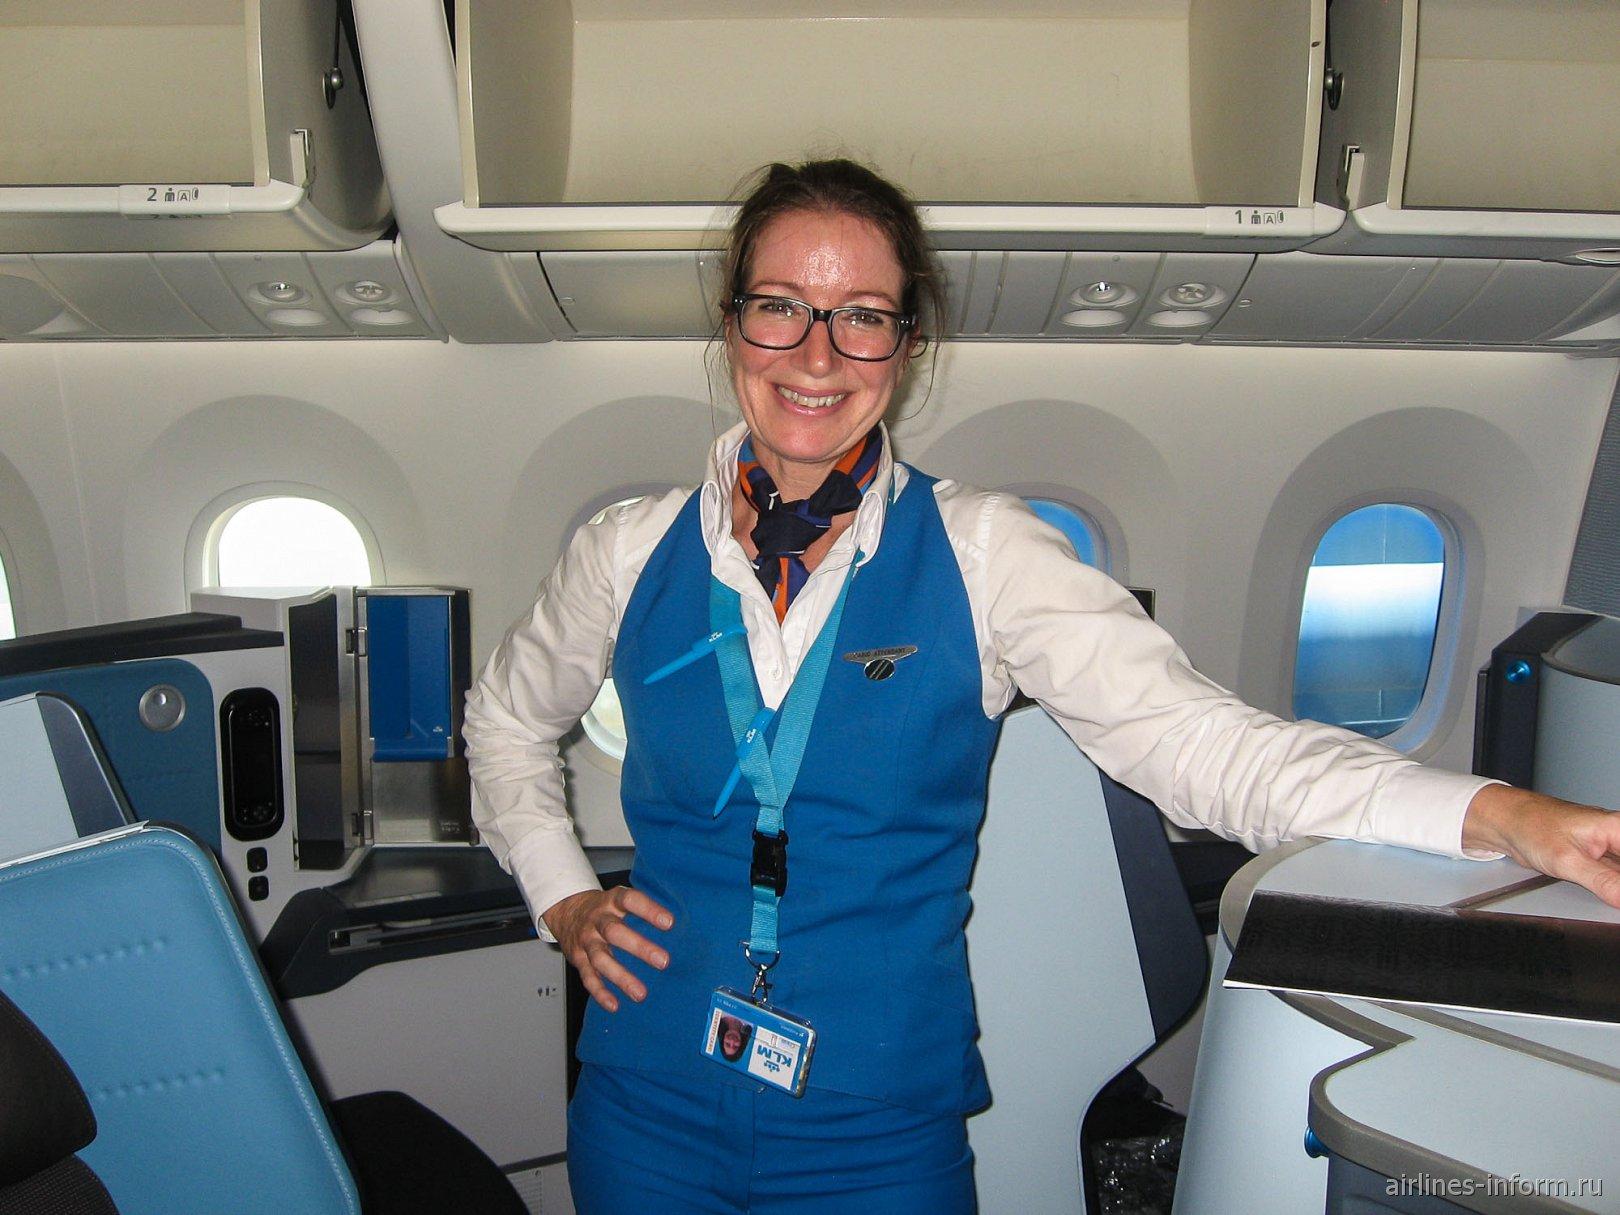 Стюардесса авиакомпании KLM после выполнения рейса Амстердам-Торонто